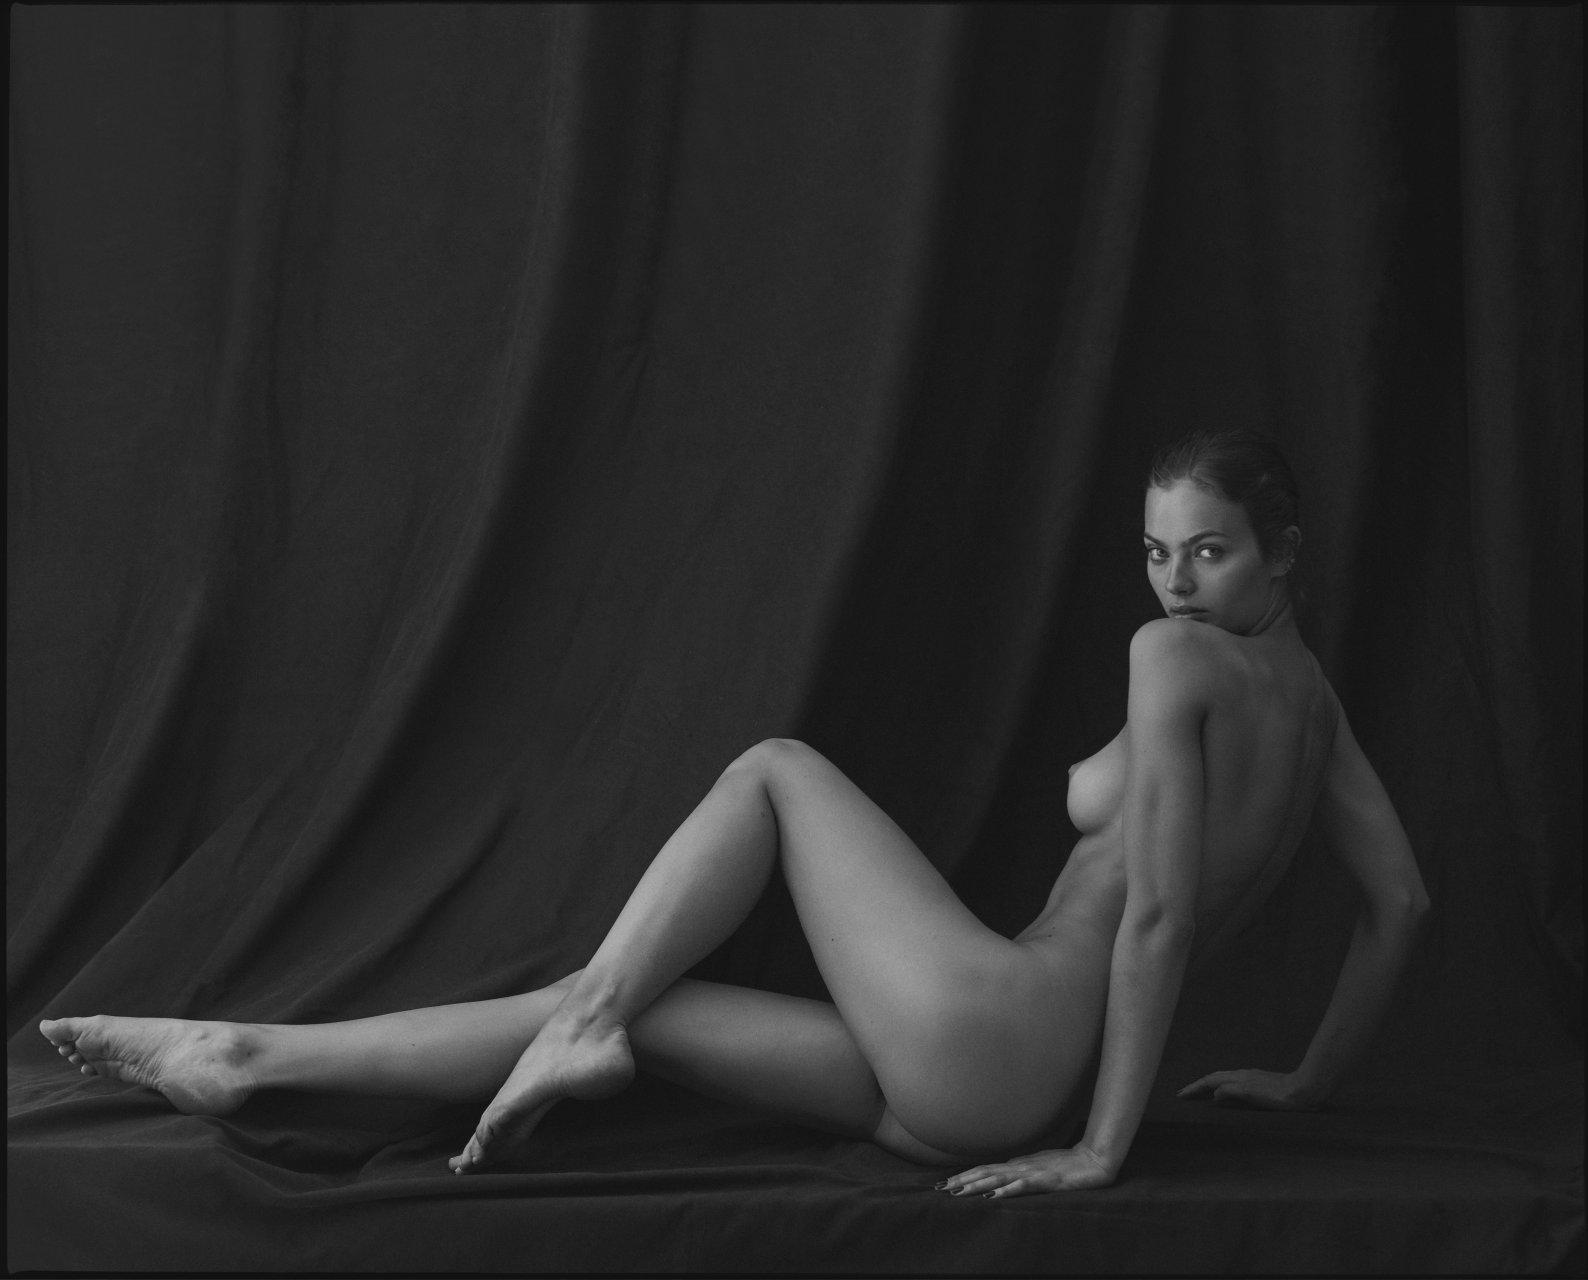 Fuck Moa Aberg nudes (96 photos), Sexy, Paparazzi, Selfie, braless 2017